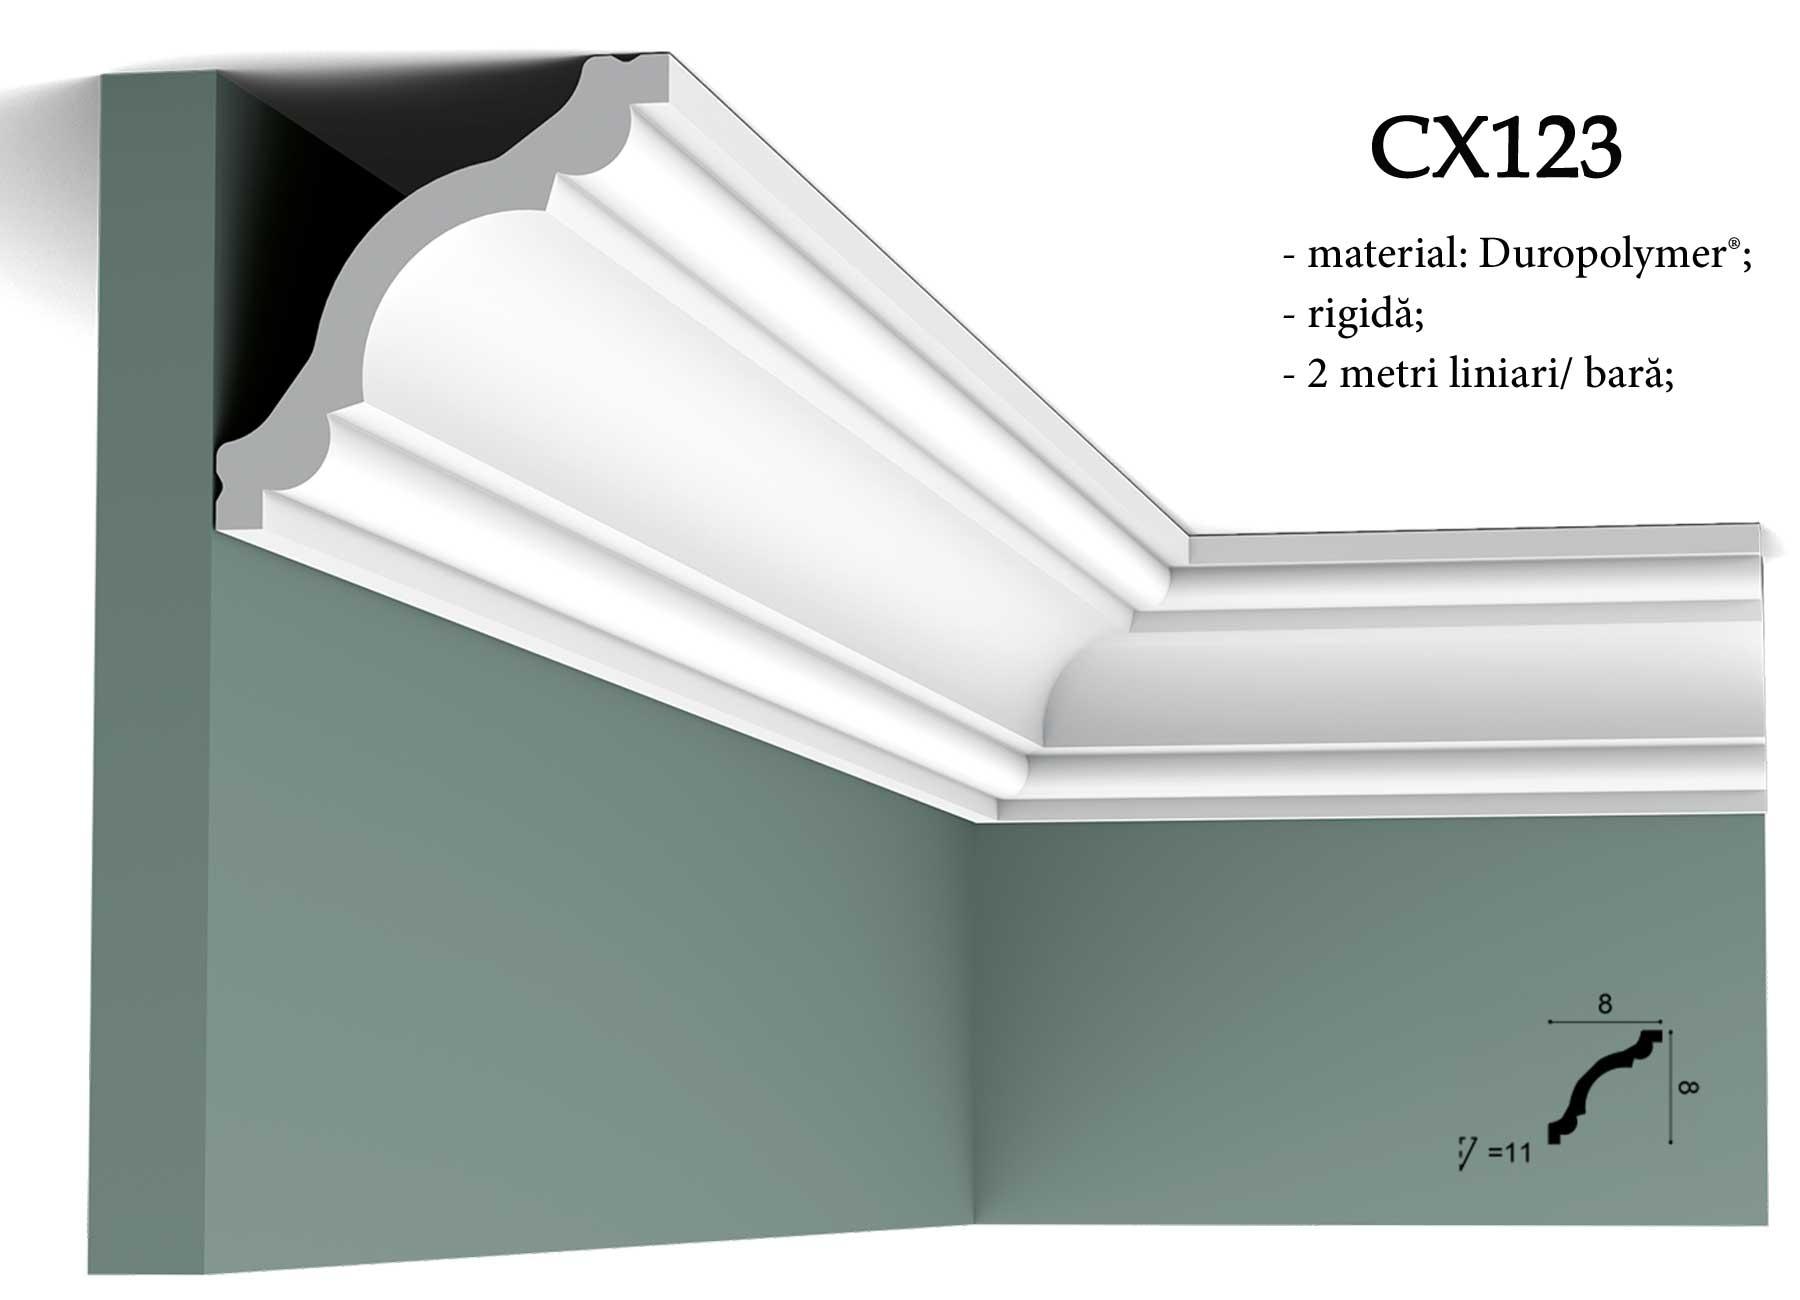 Cornisa decorativa pentru tavan Orac Decor CX123. Terminatie perete.